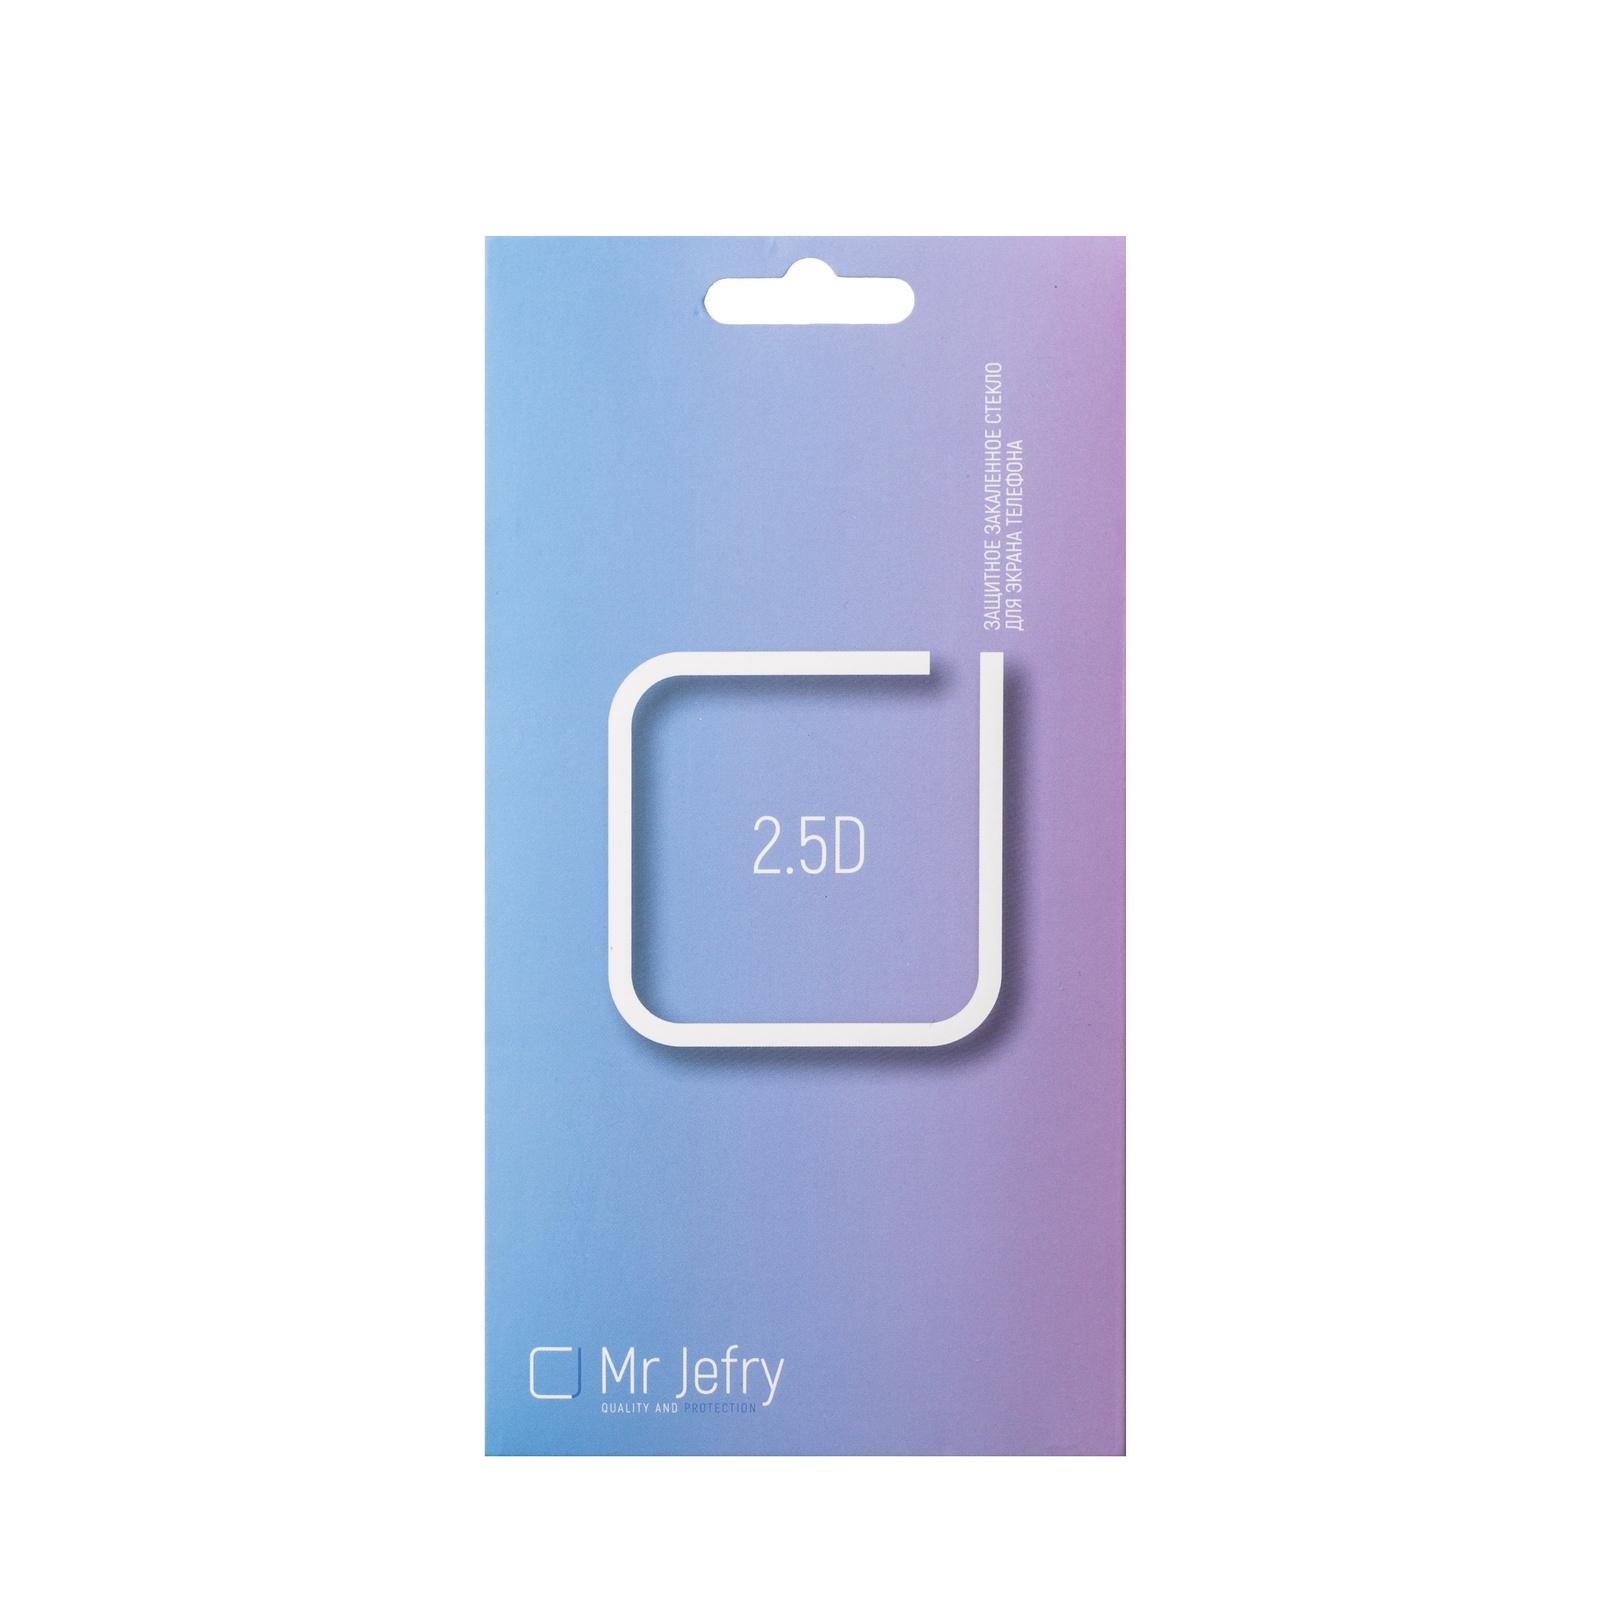 Mr Jefry стекло защитное (многослойное) 2,5D для Xiaomi Redmi R6